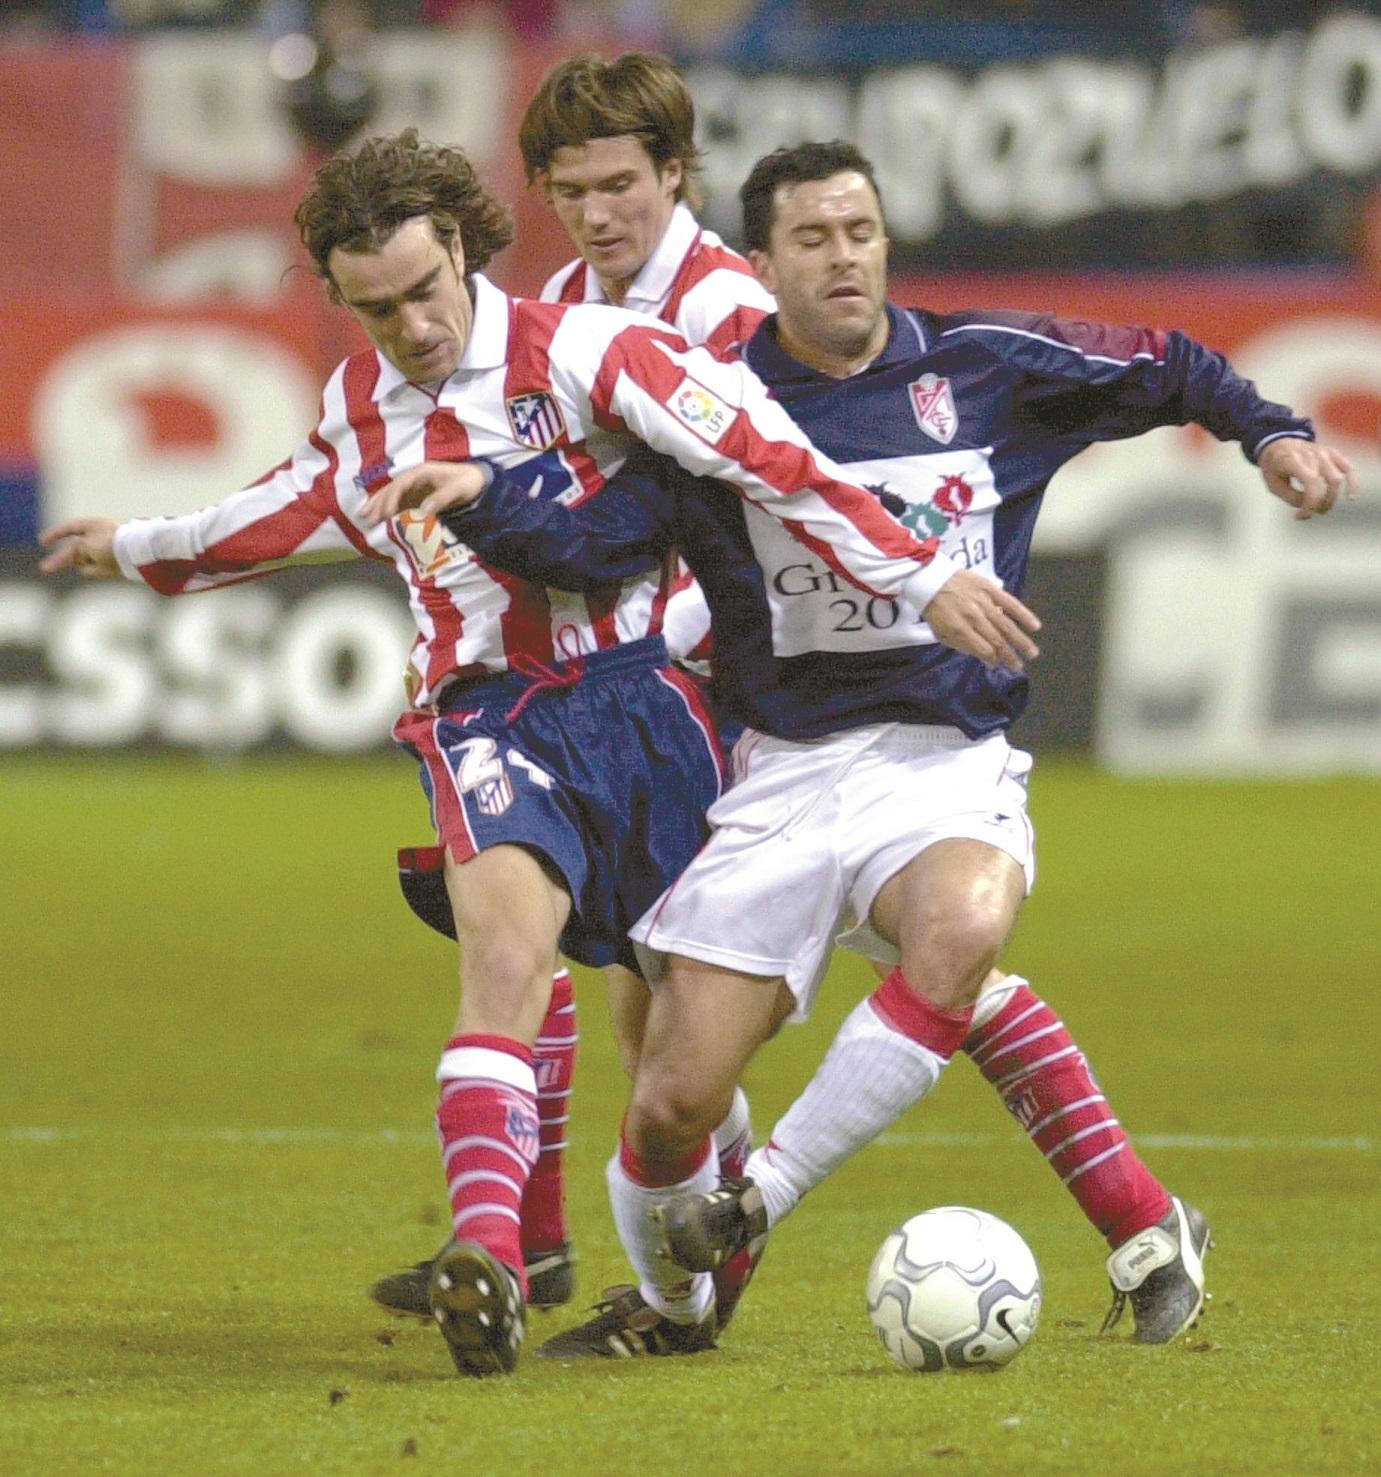 Wicky, entre su compañero Carcedo y Sierra, del Granada, en un partido de la temporada 1999/2000 en Segunda División (Archivo 20minutos).